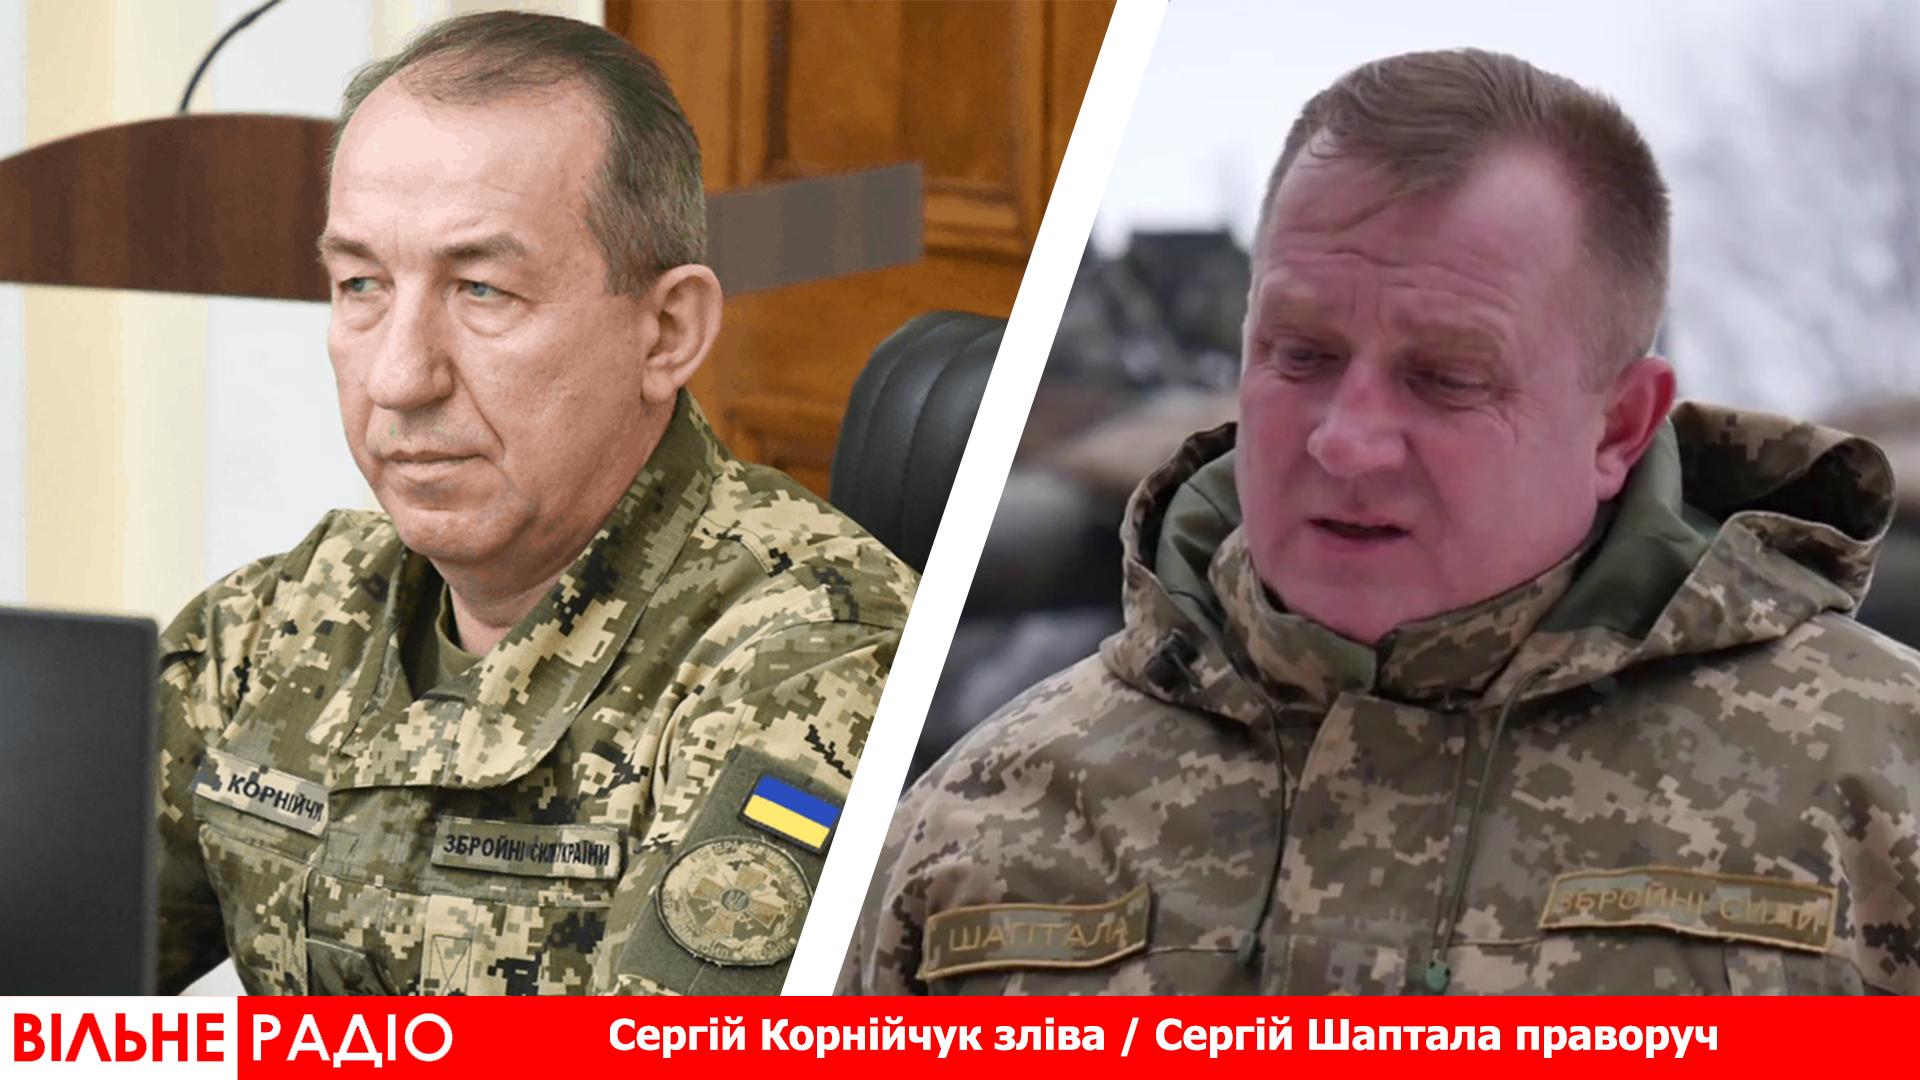 Президент замінив керівника Об'єднаних сил, ЗСУ, Генштабу та служби розвідки. Що про них відомо